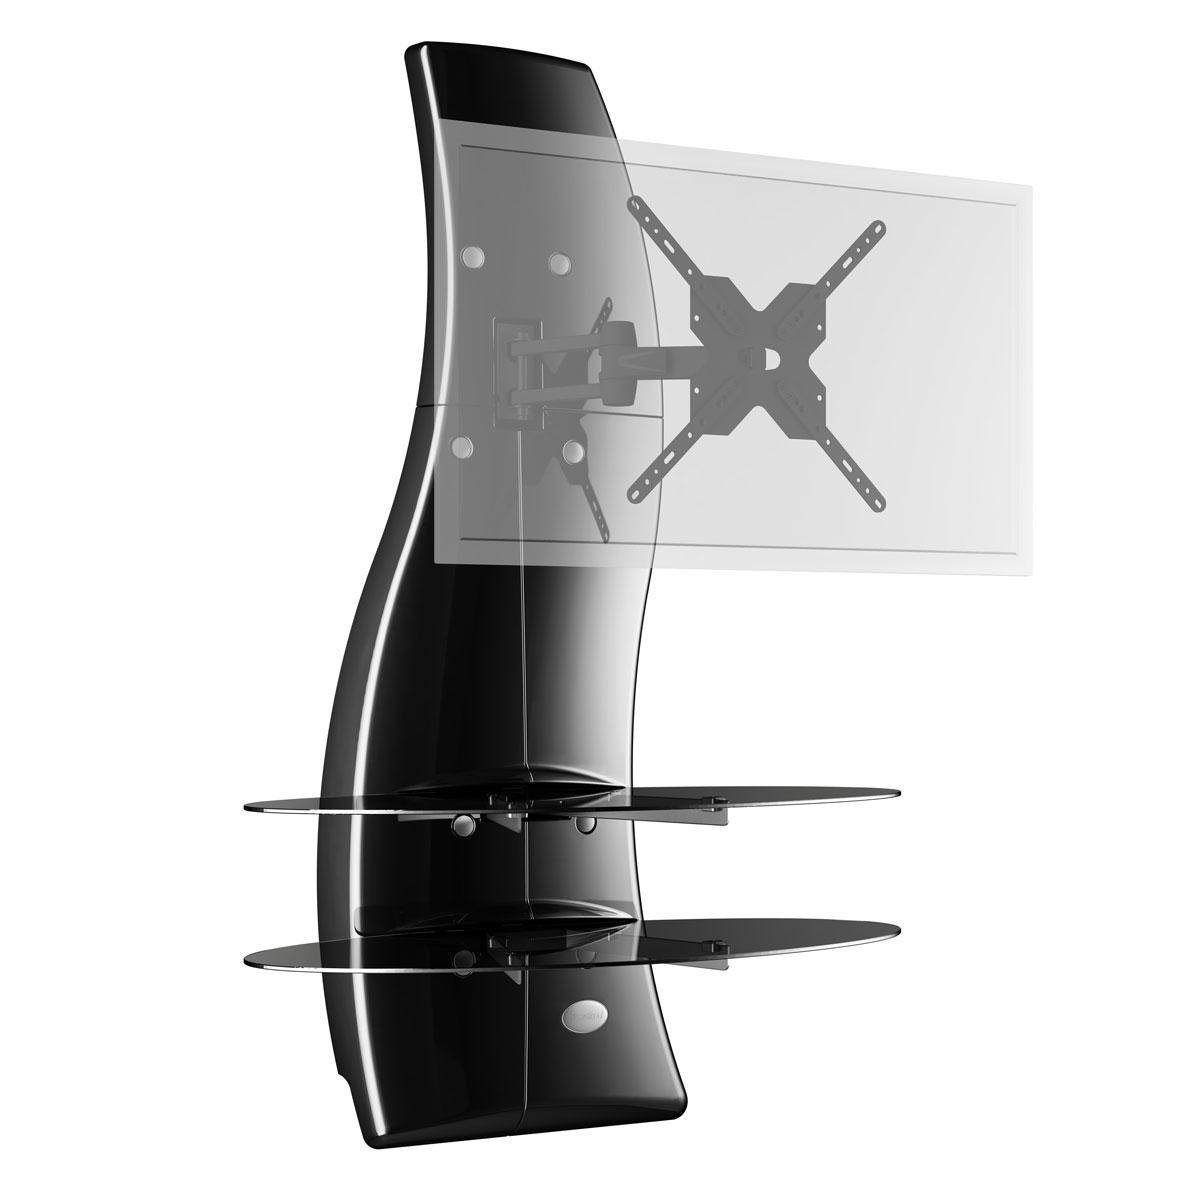 Meliconi Ghost Design 2000 Rotation Noir - Meuble Tv destiné Meuble Tv Avec Support